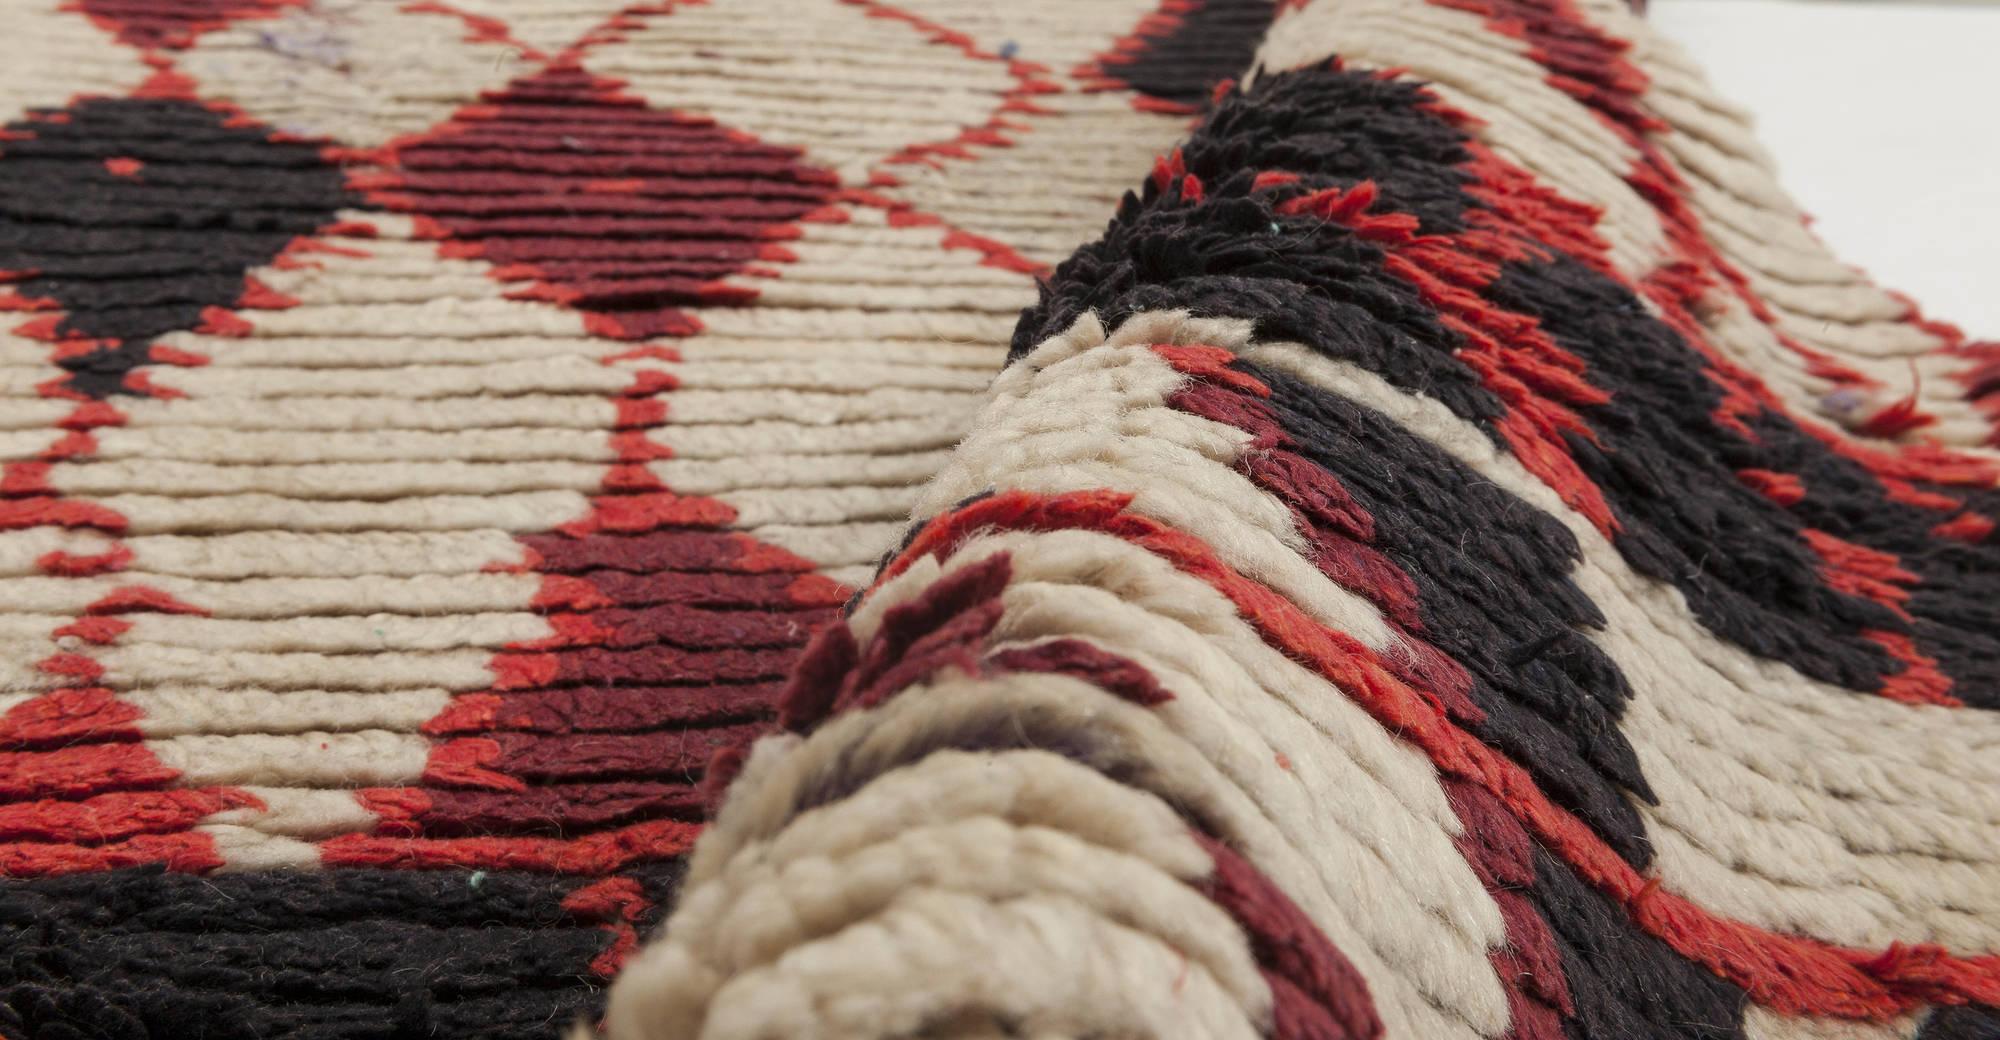 Vintage Moroccan Rug Bb5758 By Doris Leslie Blau